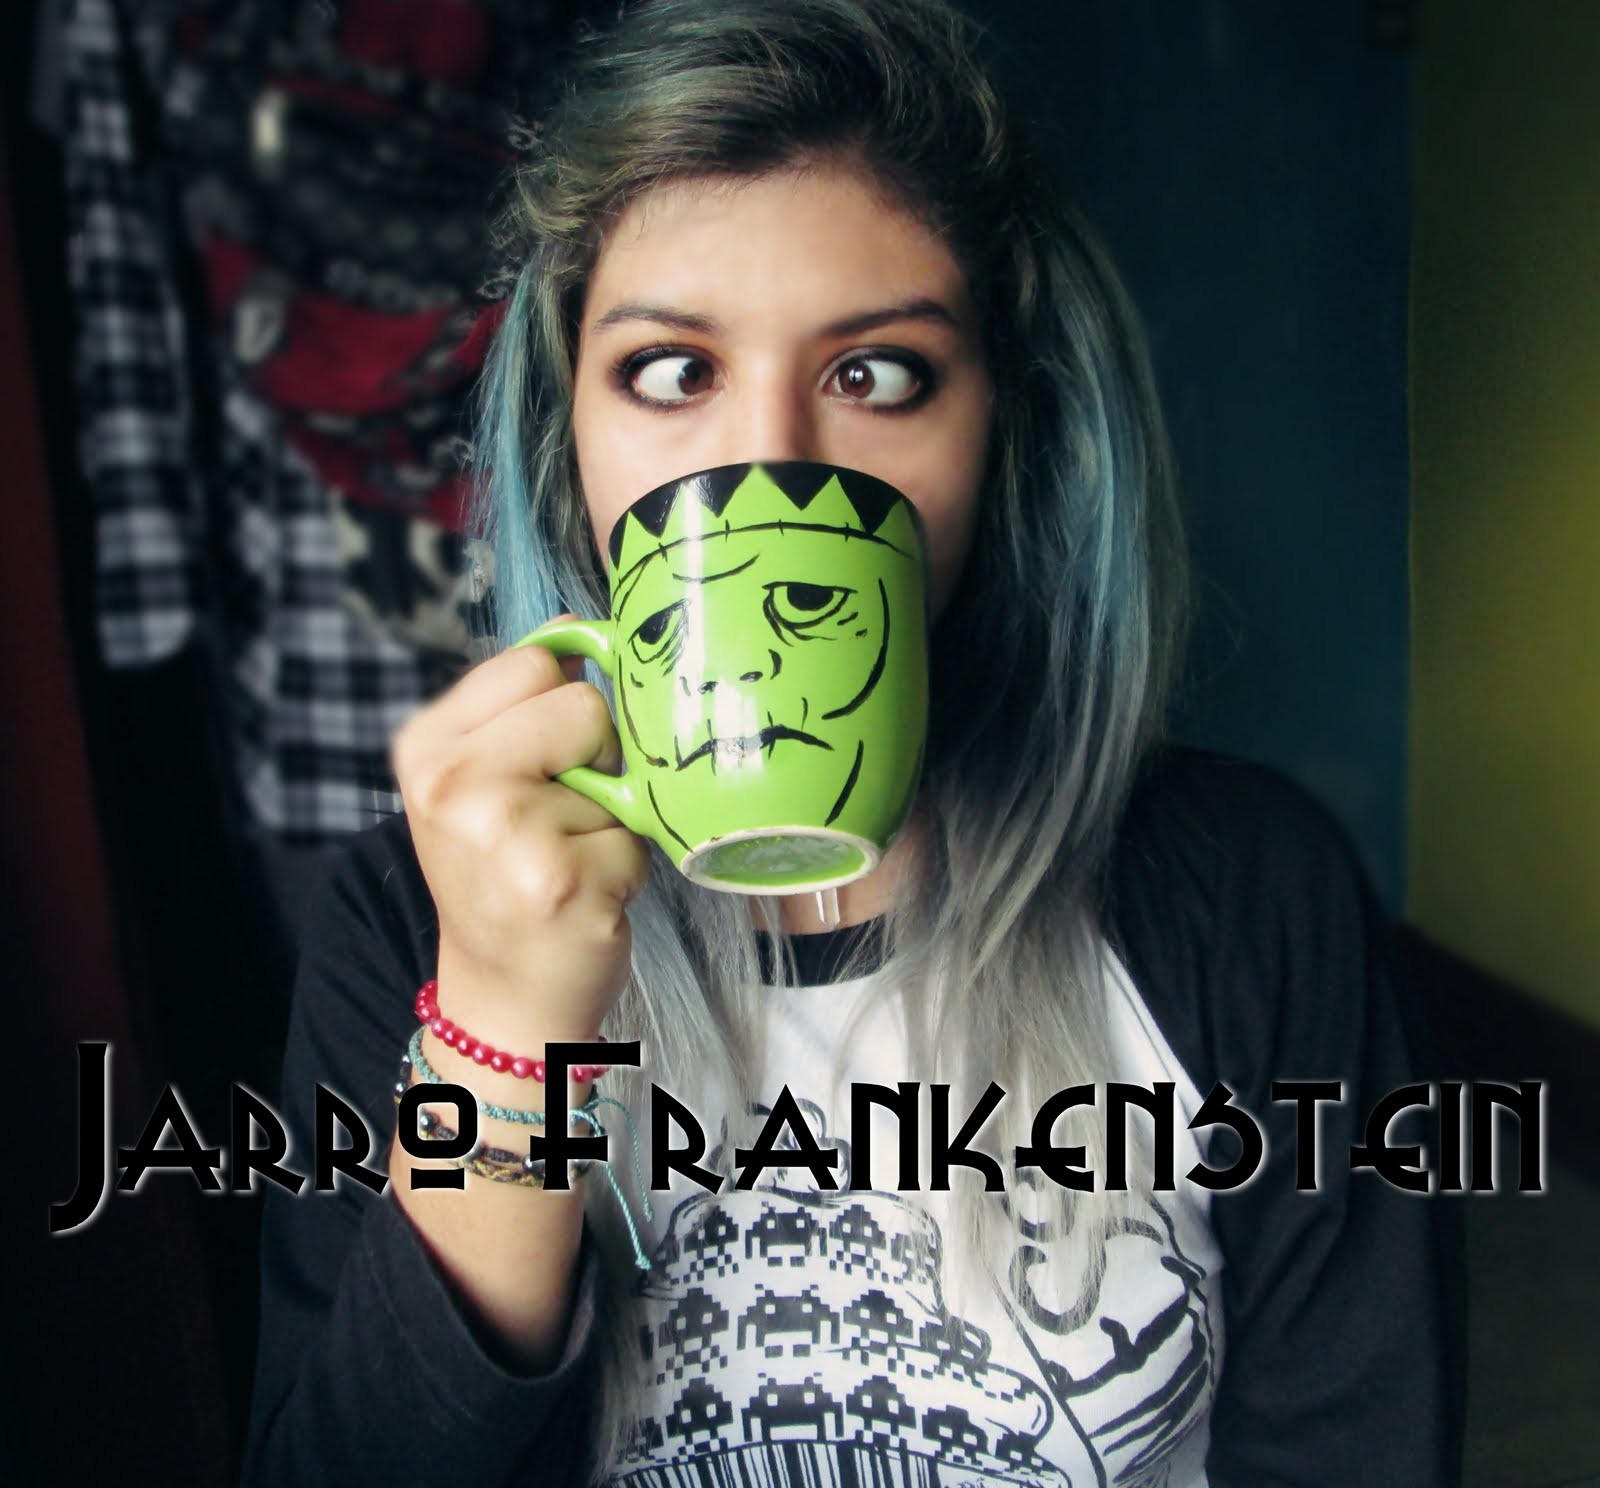 Diy Jarro de Frankenstein - Mady Damn